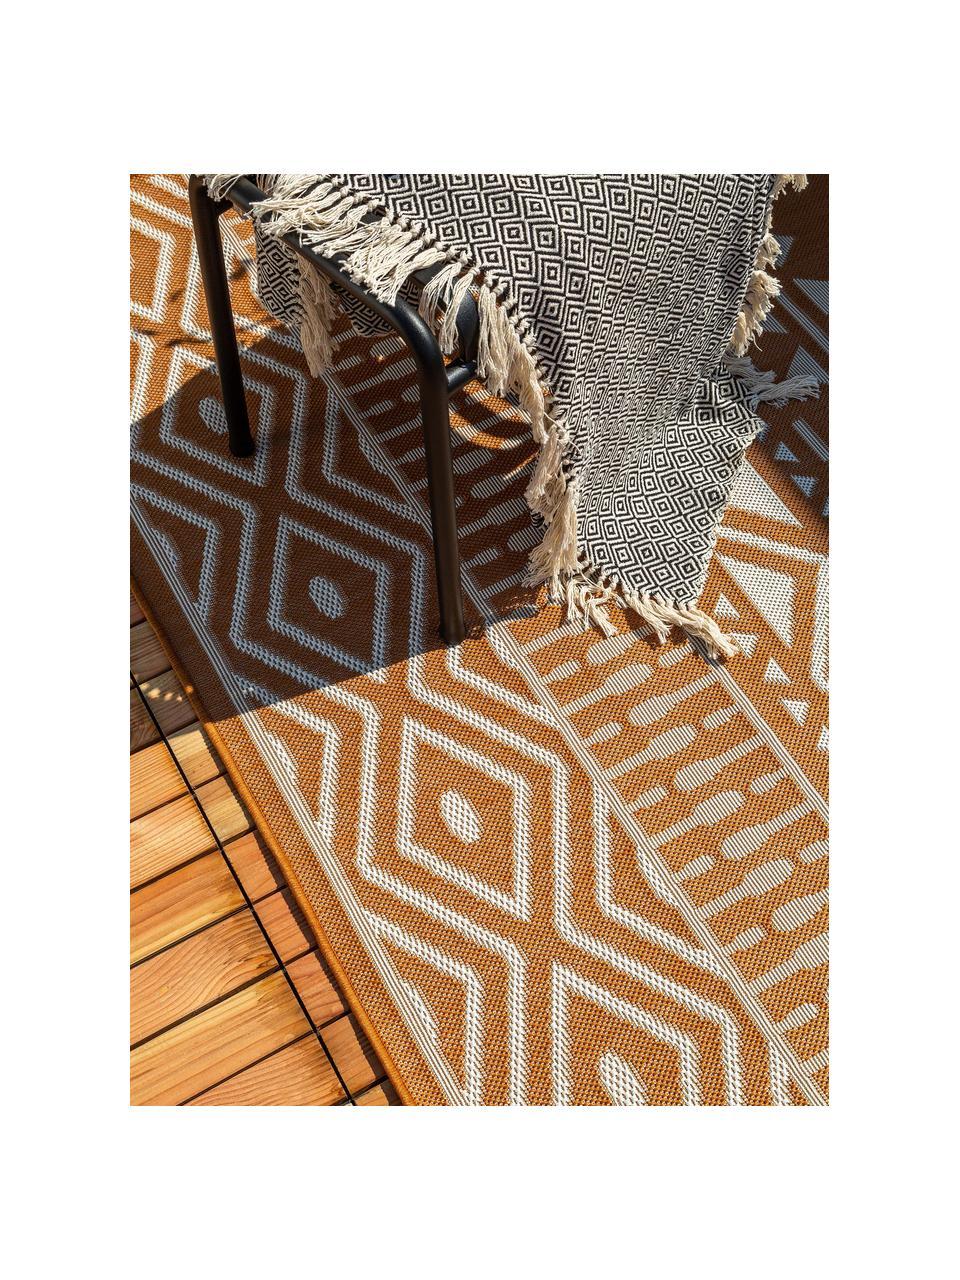 In- & Outdoor-Teppich Nillo mit Ethnomuster, 100% Polyethylen, Orange, Creme, B 120 x L 170 cm (Größe S)